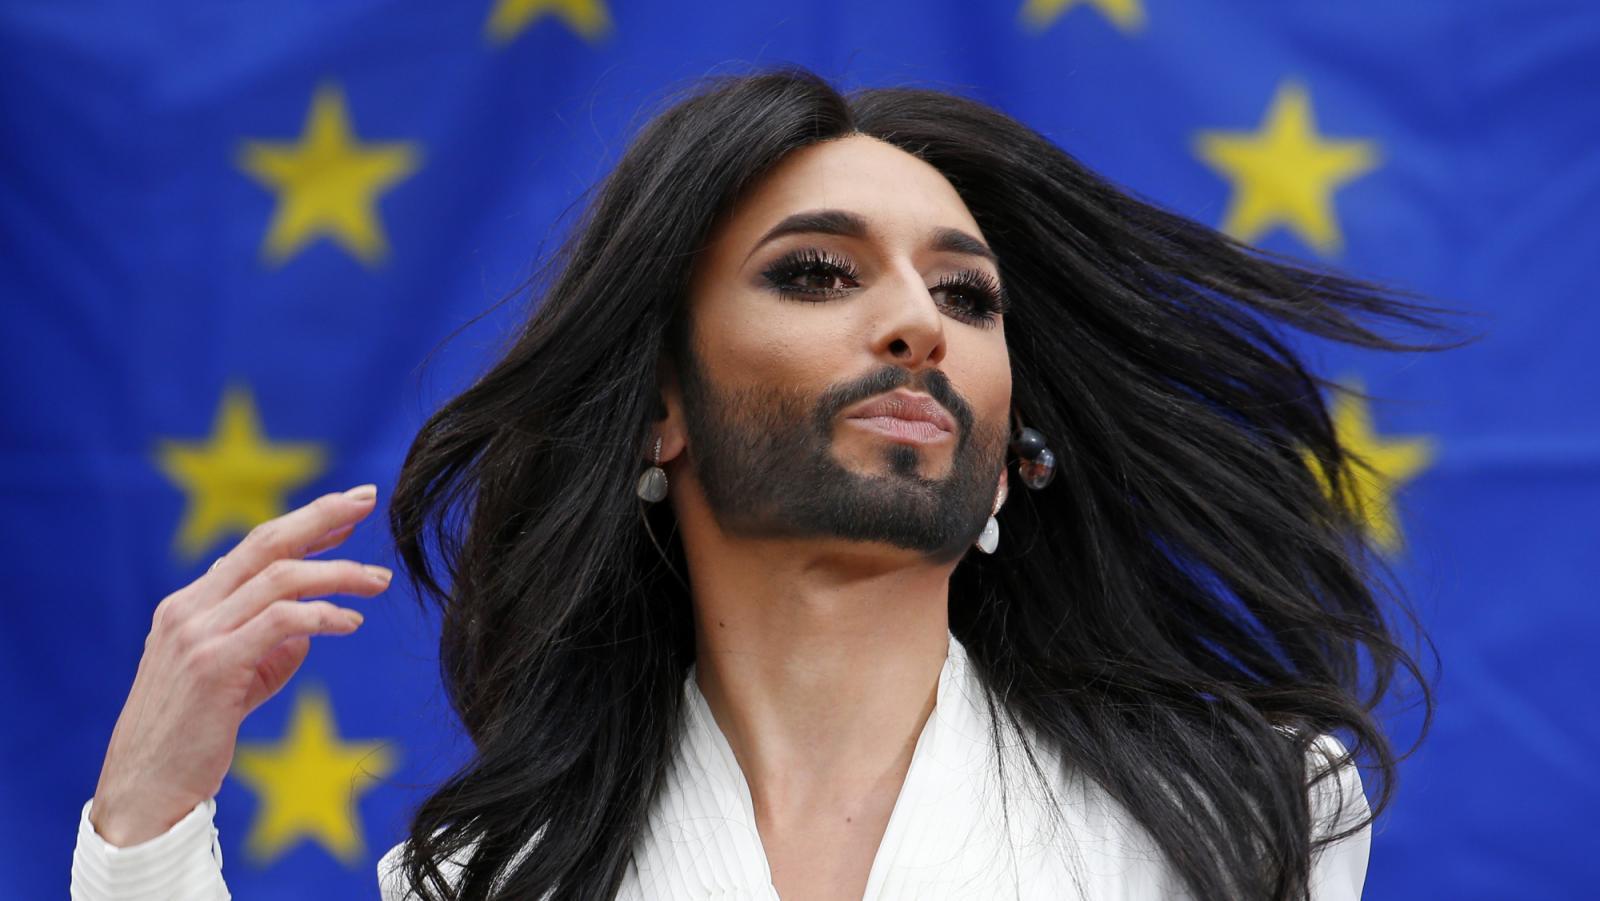 Признание: Кончита Вурст заявила оположительном ВИЧ-статусе